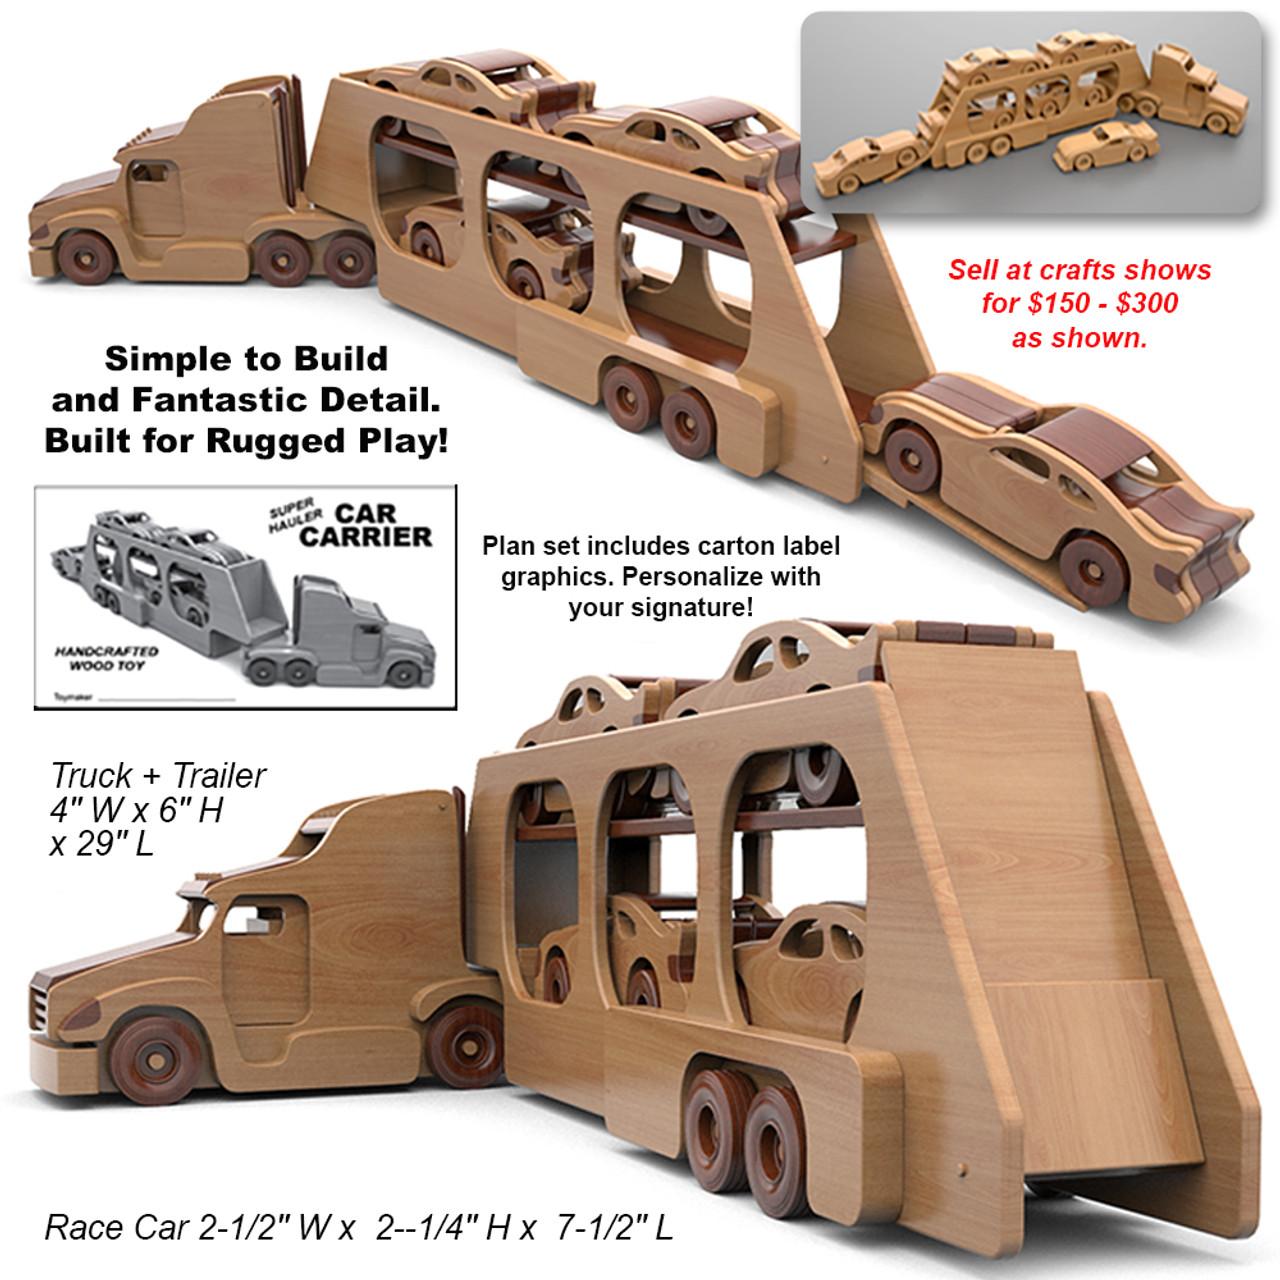 super hauler car carrier wood toy plans (pdf download)